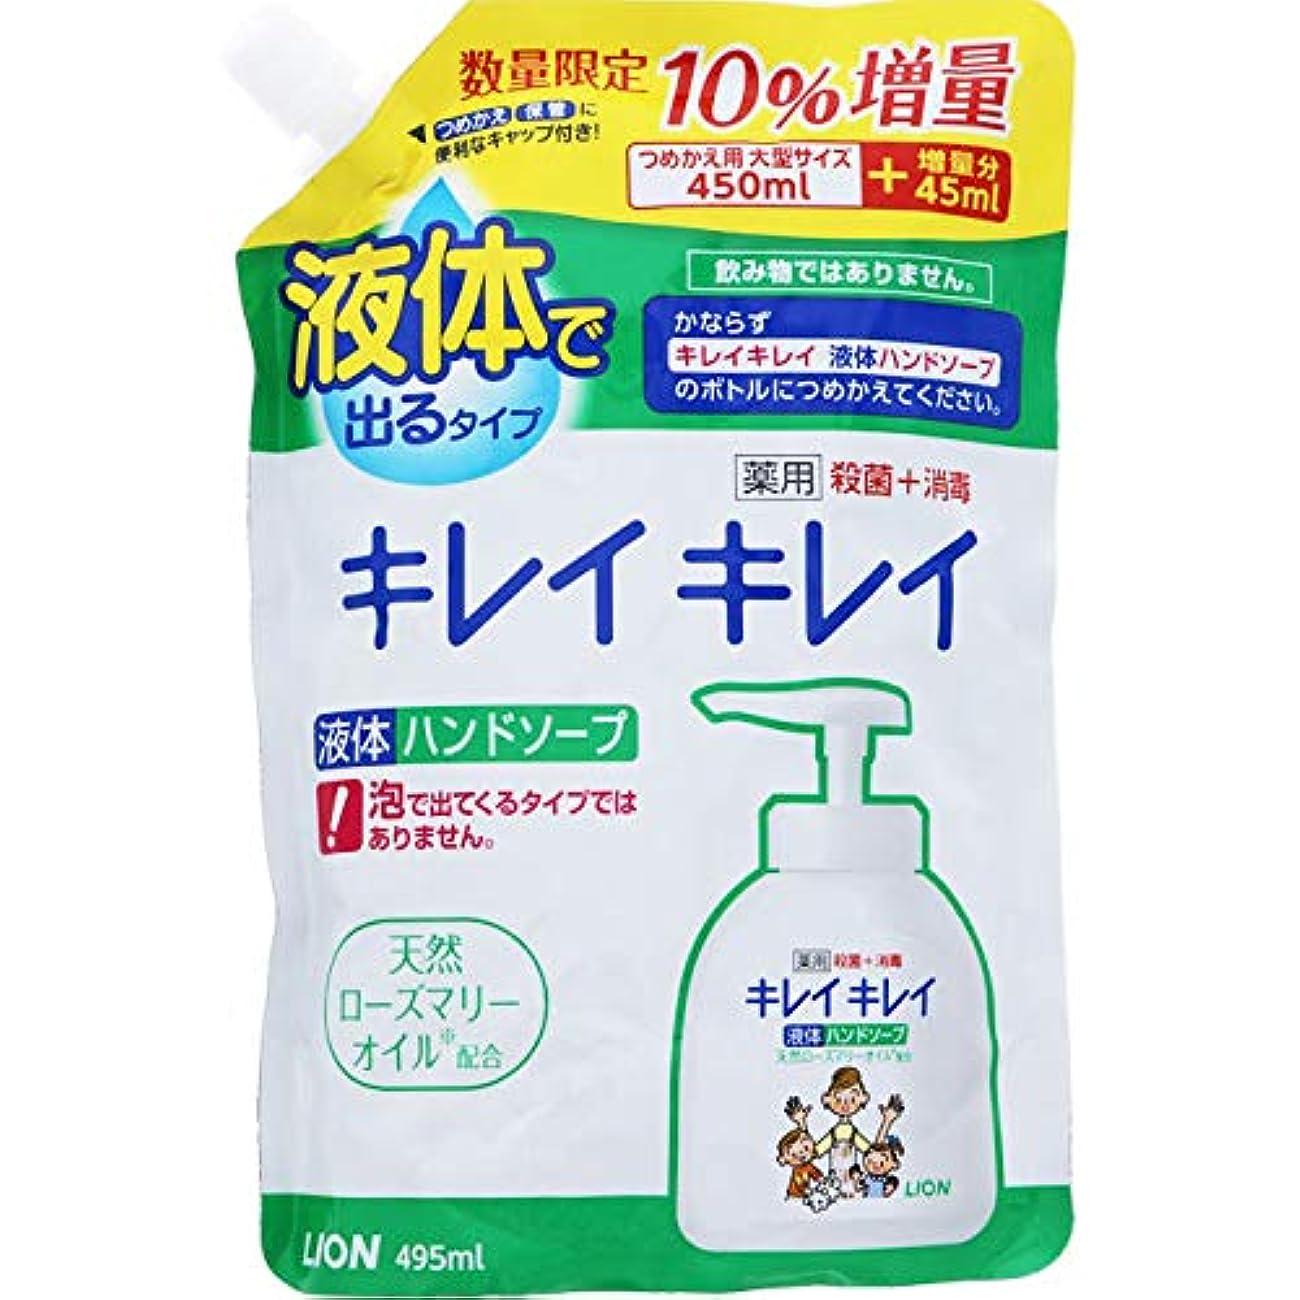 トーストためらうフィードライオン キレイキレイ 薬用ハンドソープ 詰替用大型増量 450+45ml